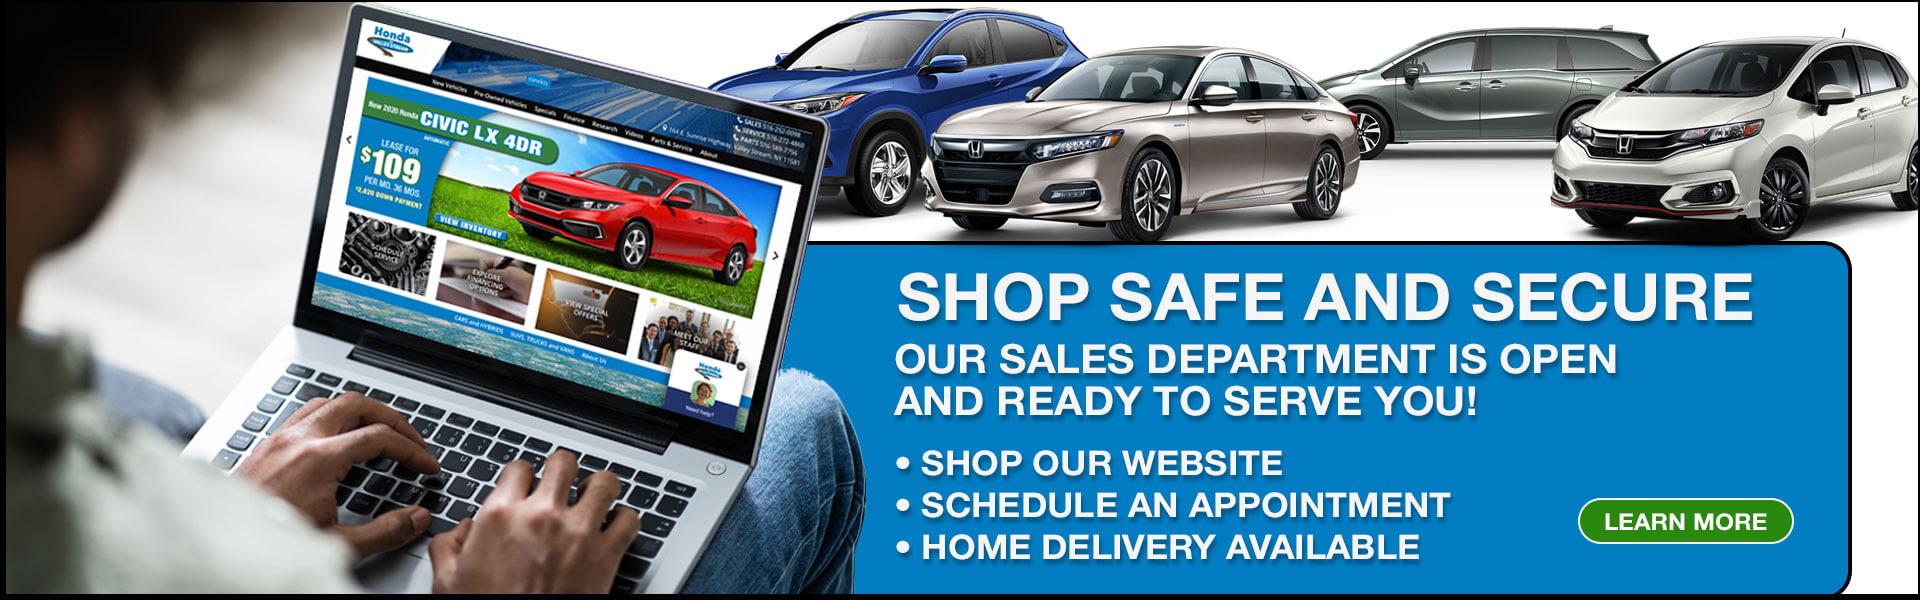 Kelebihan Kekurangan Web Honda Review